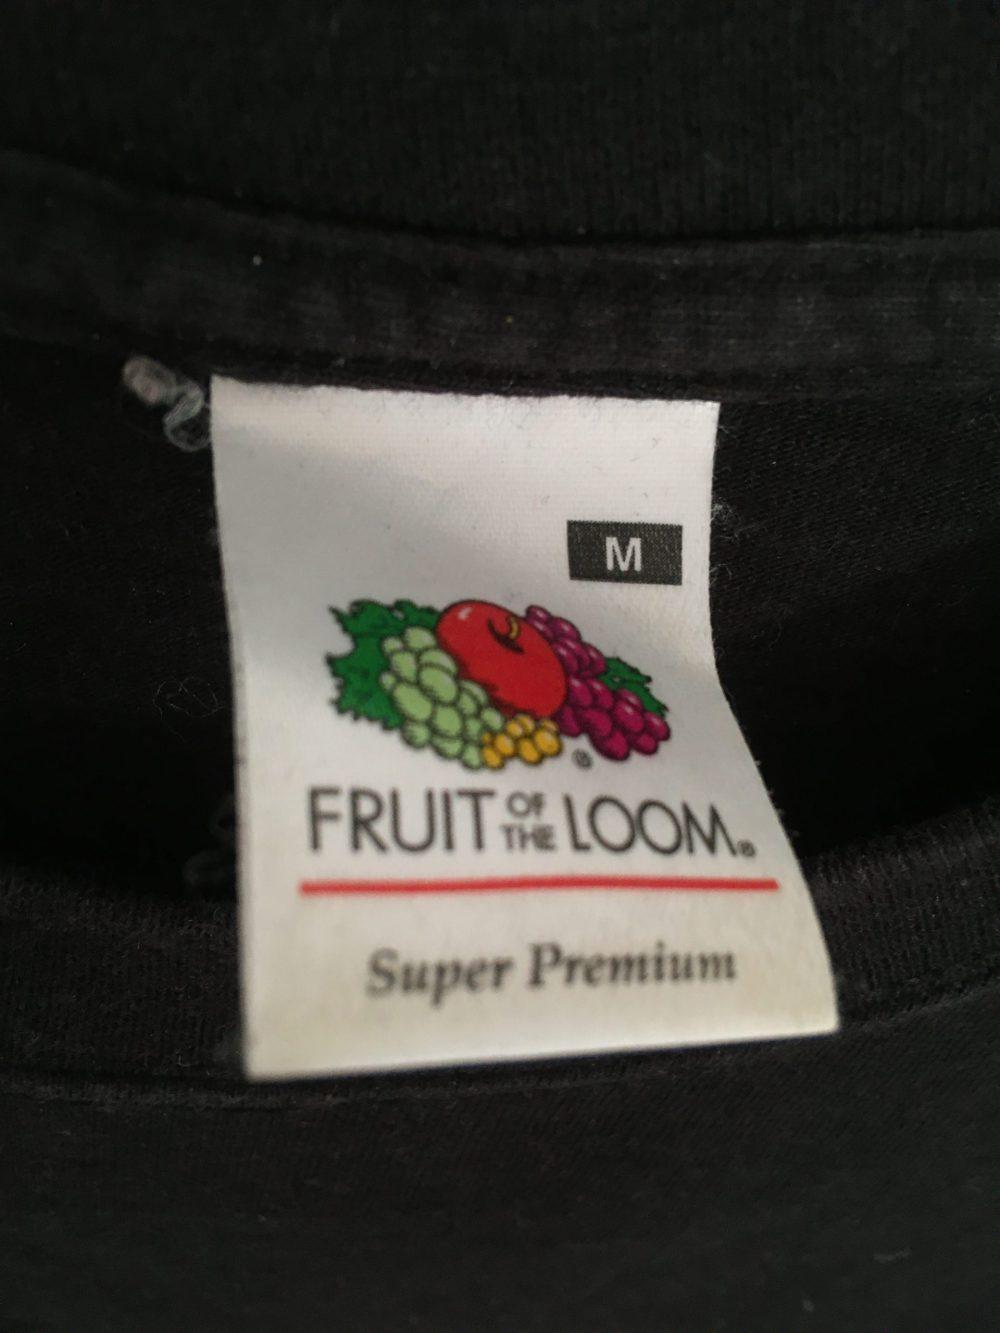 Fruit Of The Loom Super Premium Label